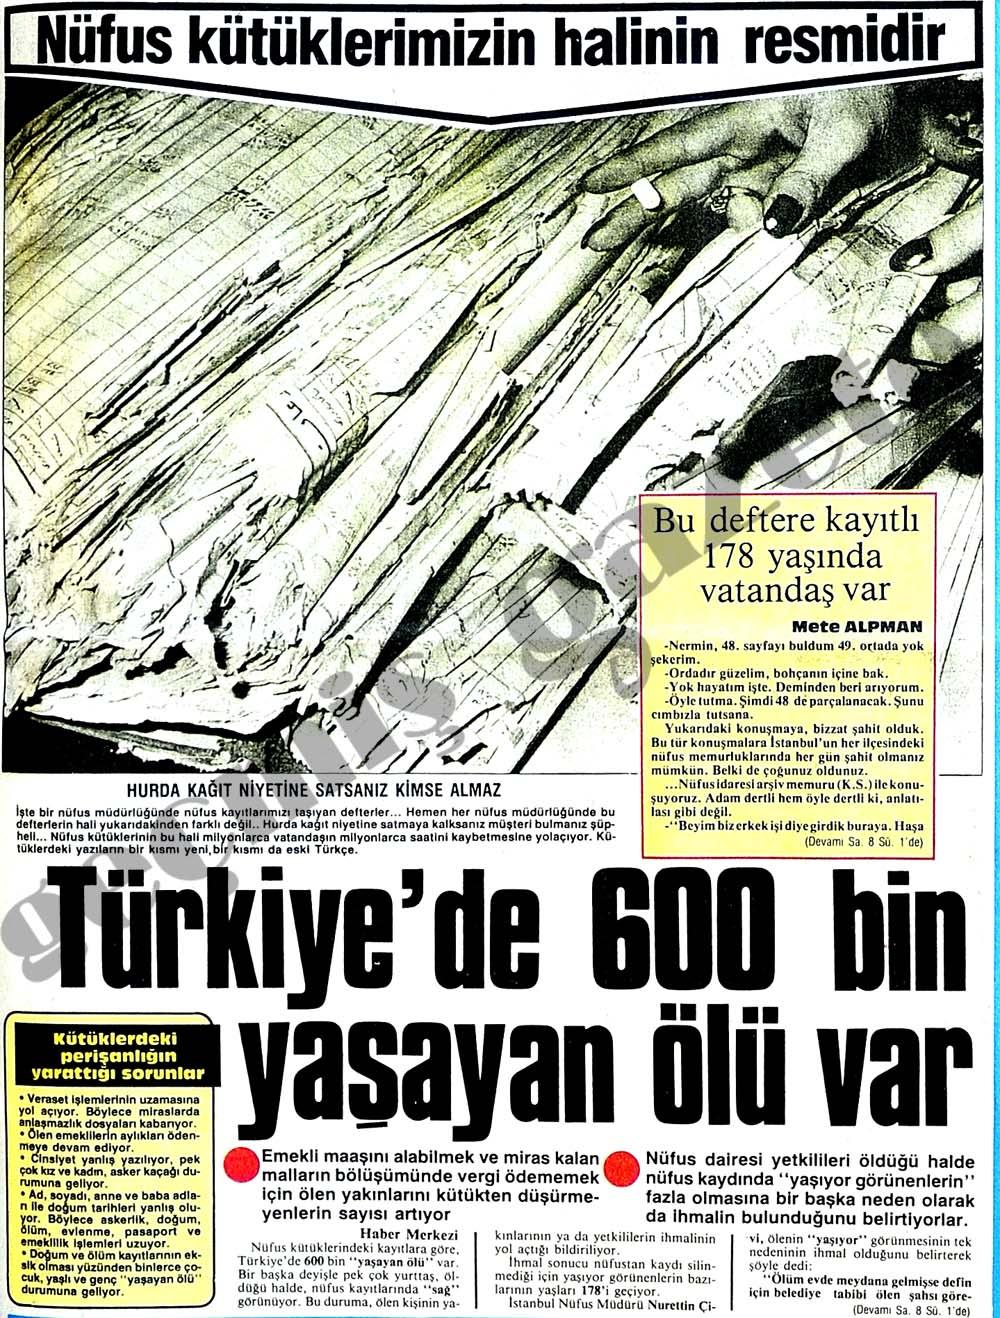 Türkiye'de 600 bin yaşayan ölü var